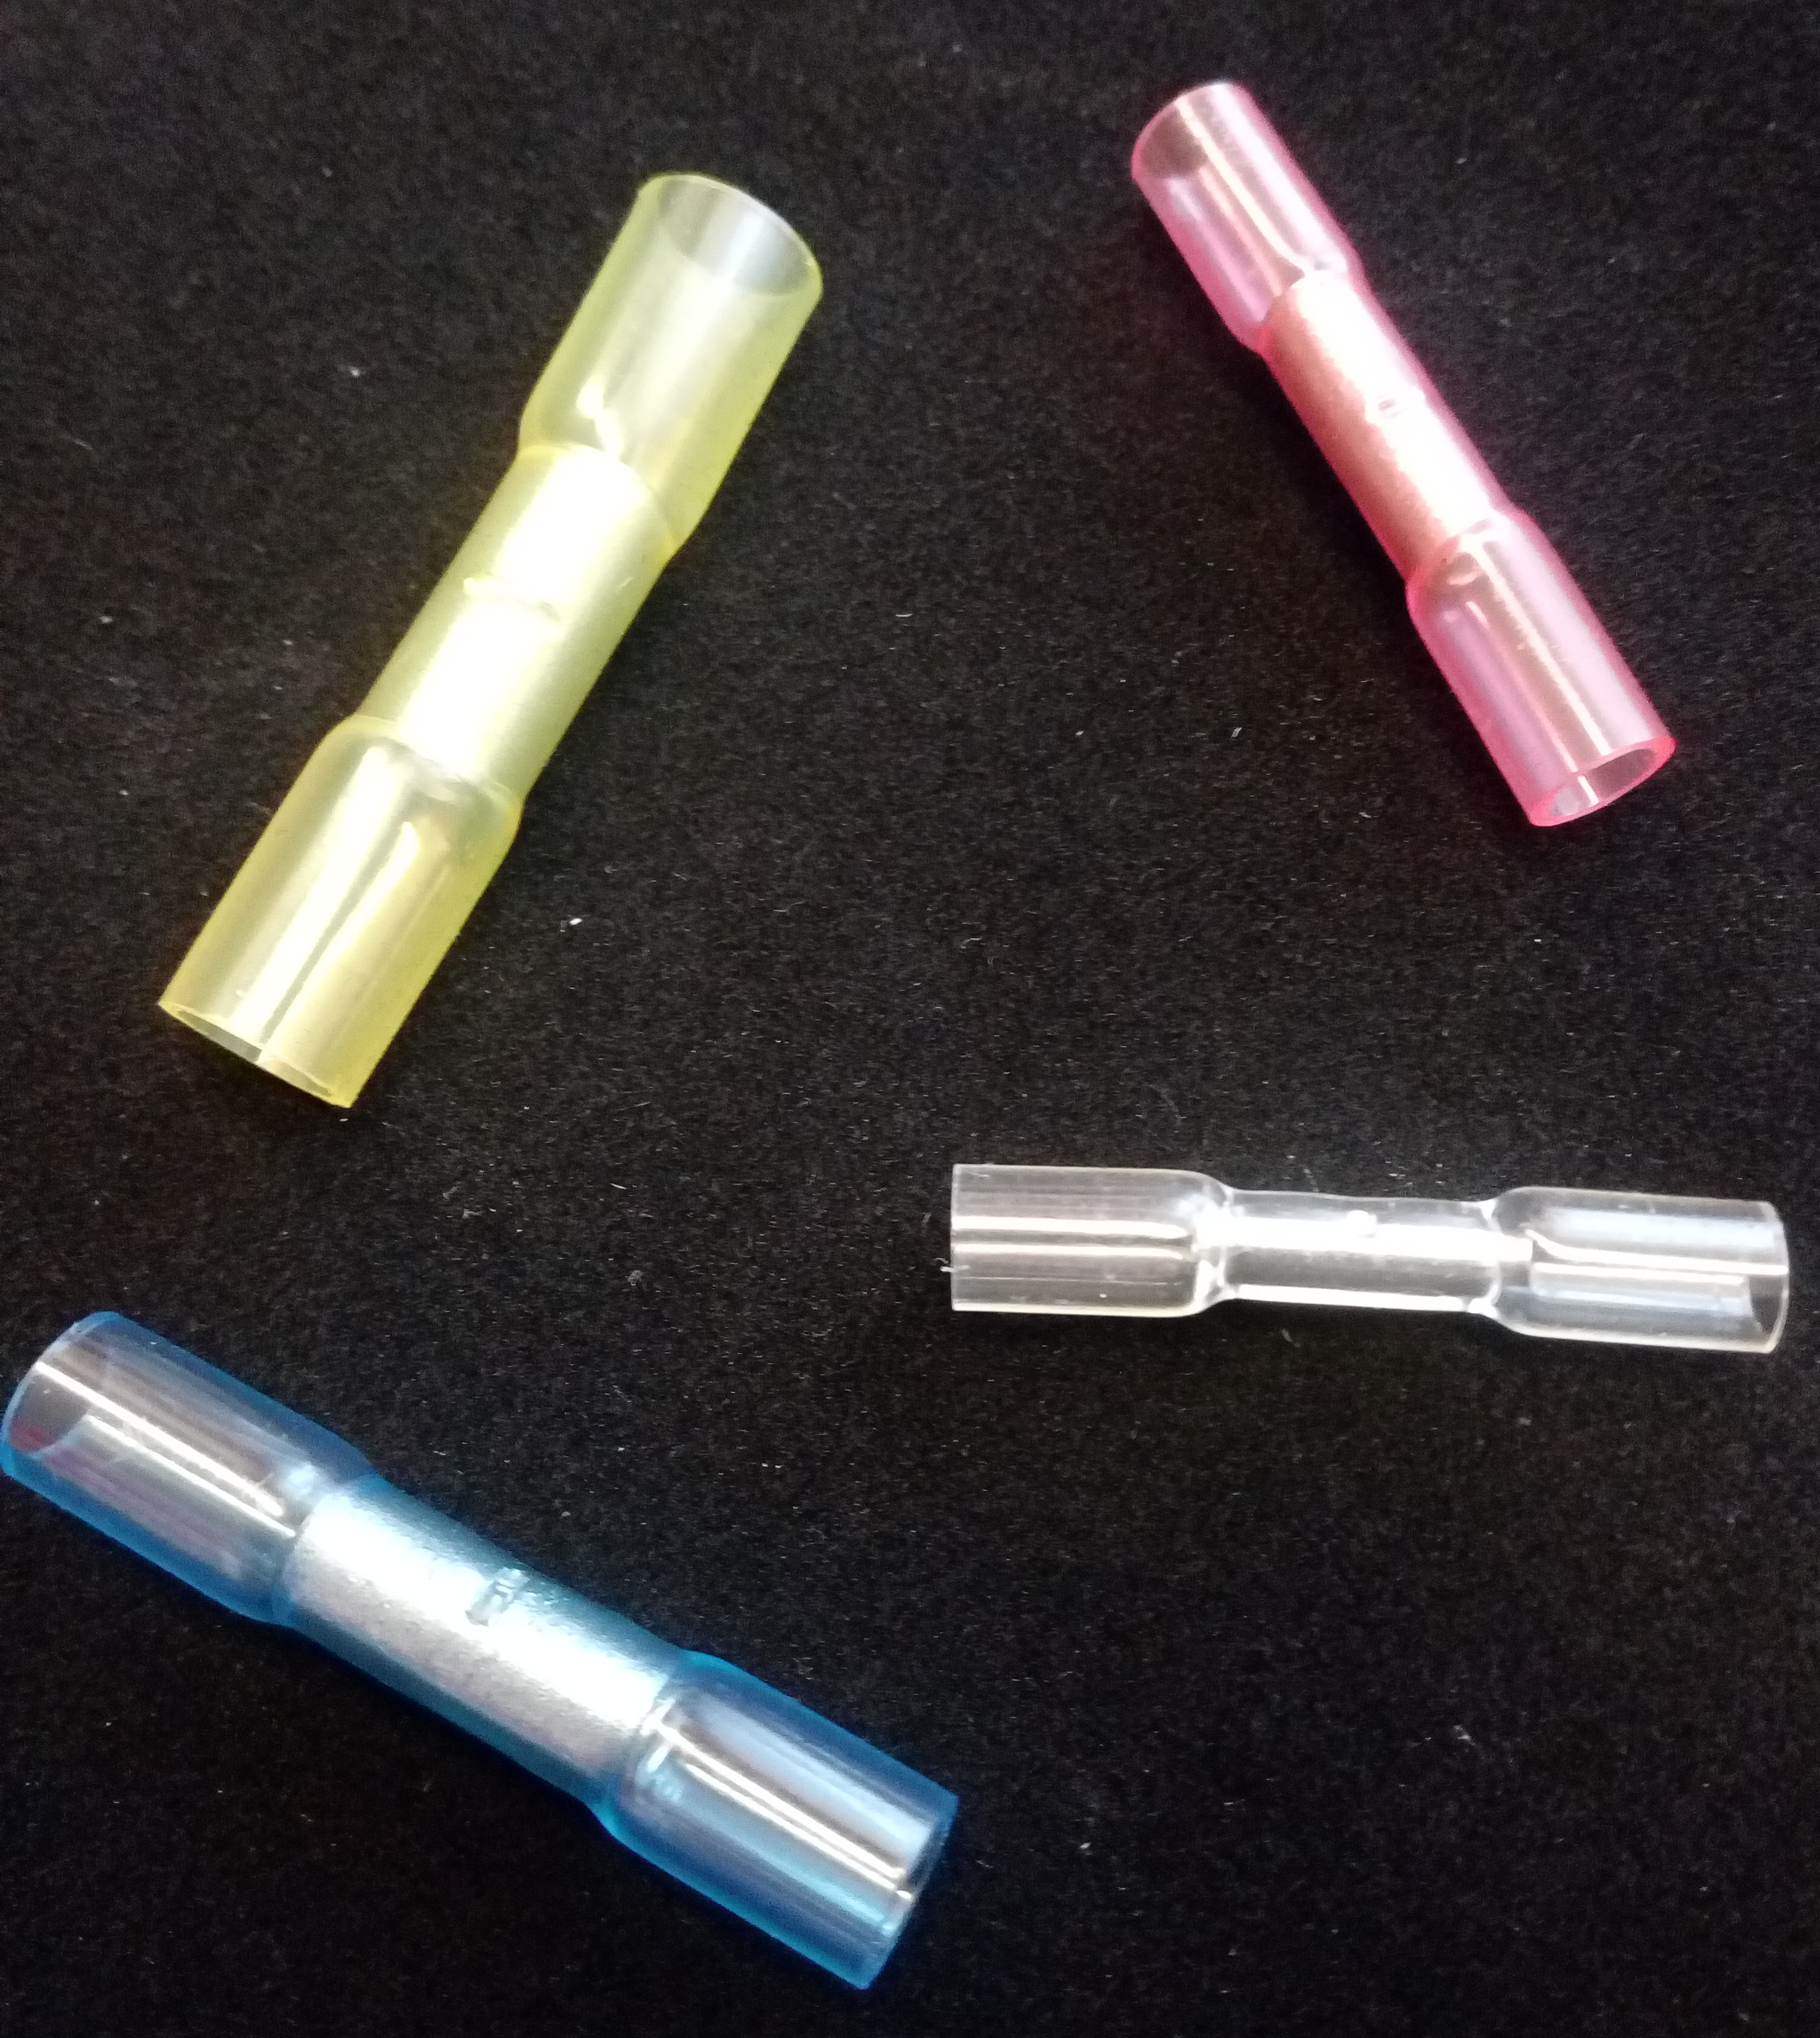 Stoßverbinder mit Wärmeschrumpfisolierung 0,5 - 6 mm2